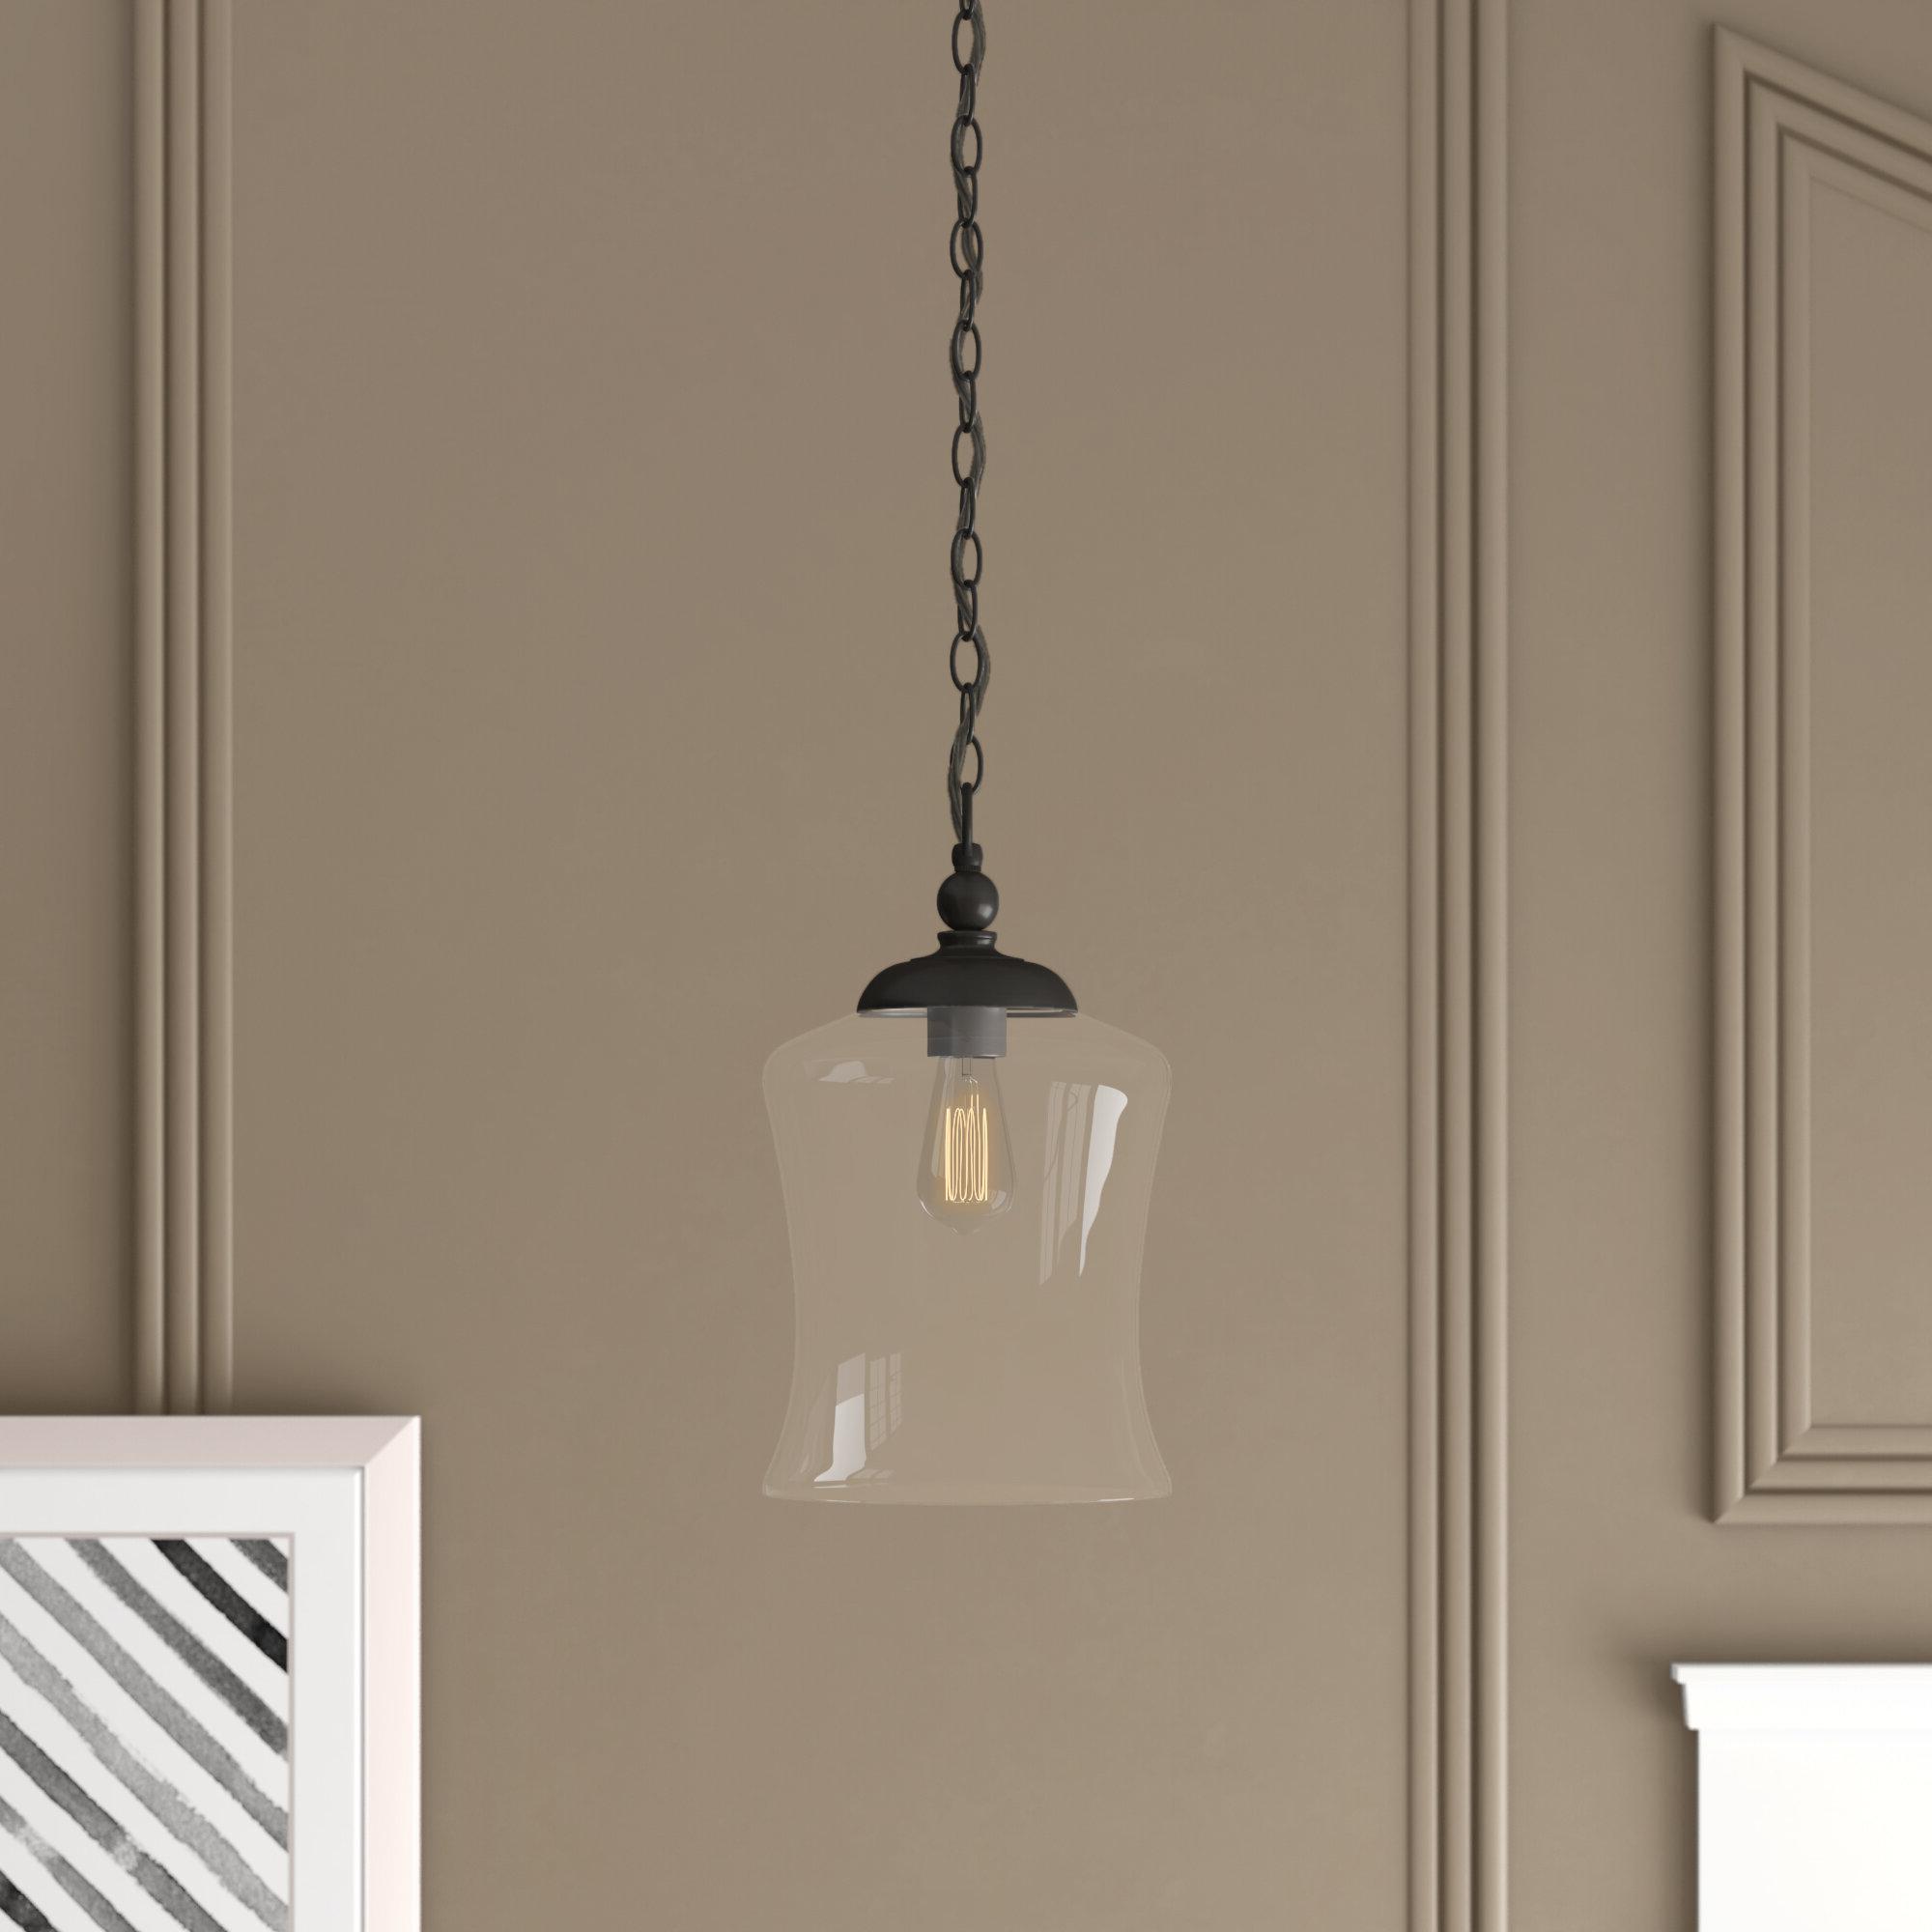 2020 Wentzville 1 Light Single Bell Pendant For Sargent 1 Light Single Bell Pendants (Gallery 20 of 20)